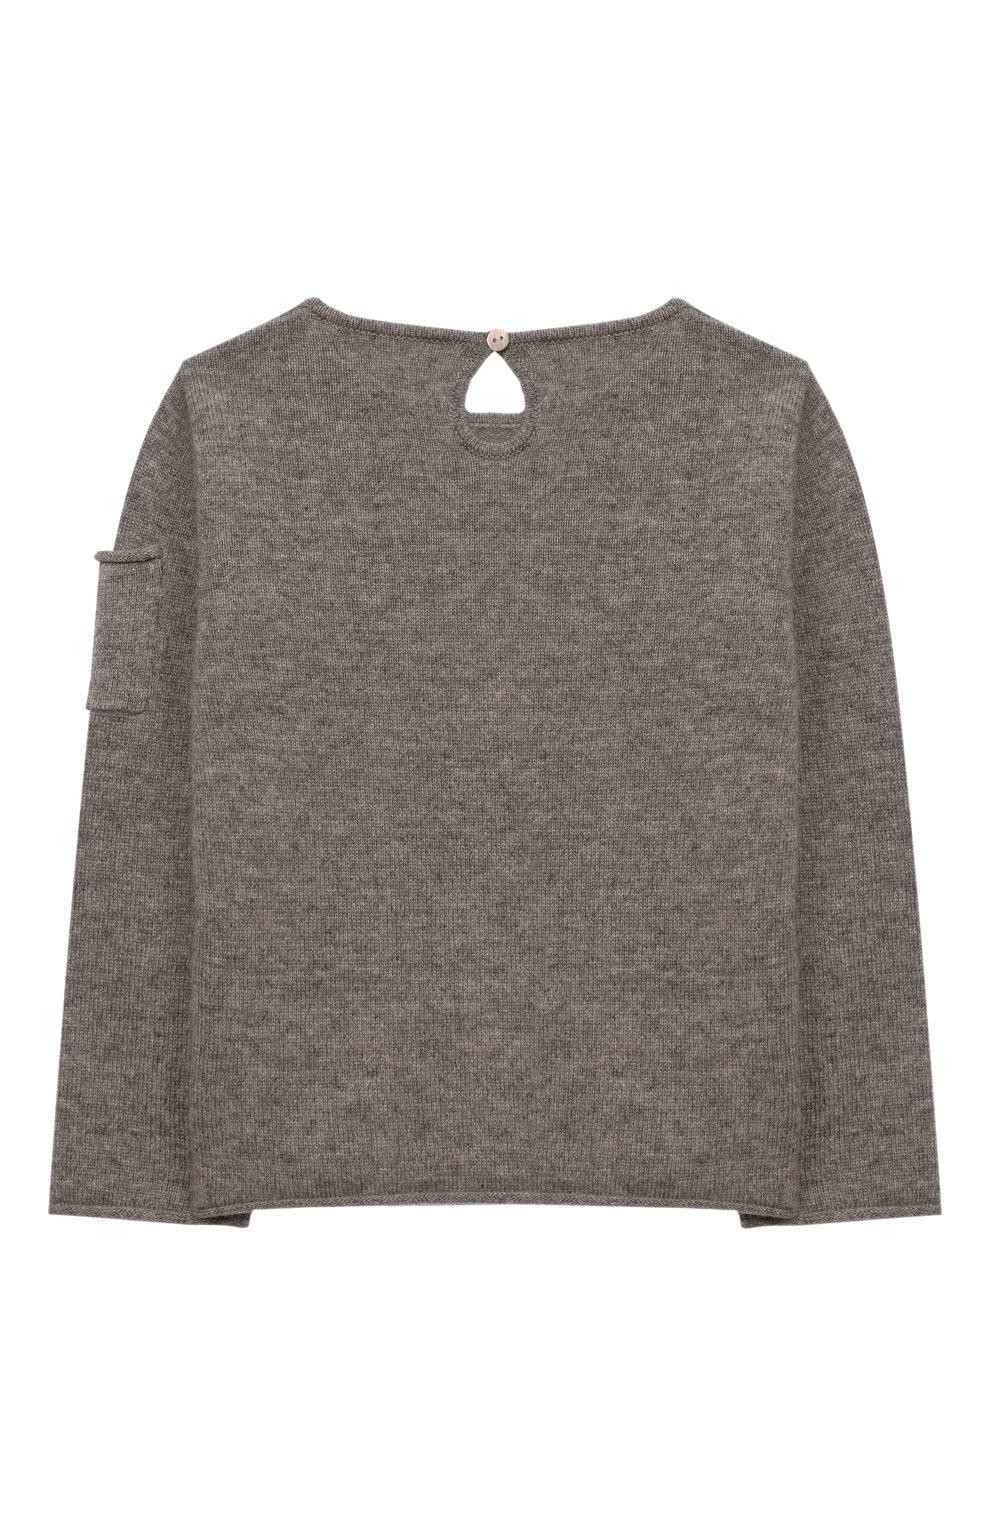 Детский кашемировый пуловер OSCAR ET VALENTINE серого цвета, арт. PUL01ZEBRAS | Фото 2 (Материал внешний: Шерсть; Рукава: Длинные; Ростовка одежда: 12 мес | 80 см, 18 мес | 86 см, 2 года | 92 см)